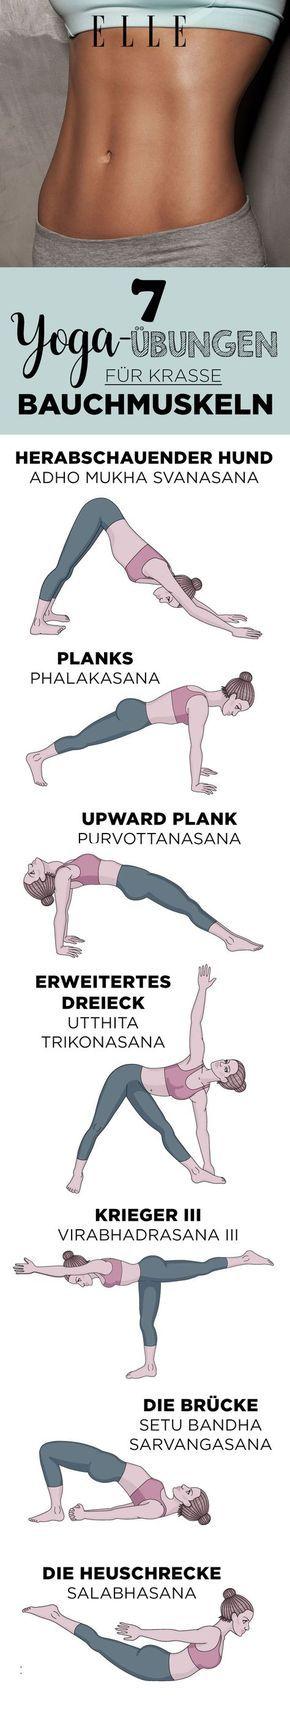 7 Yoga-Übungen, die für mehr Bauchmuskeln sorgen – Fitness